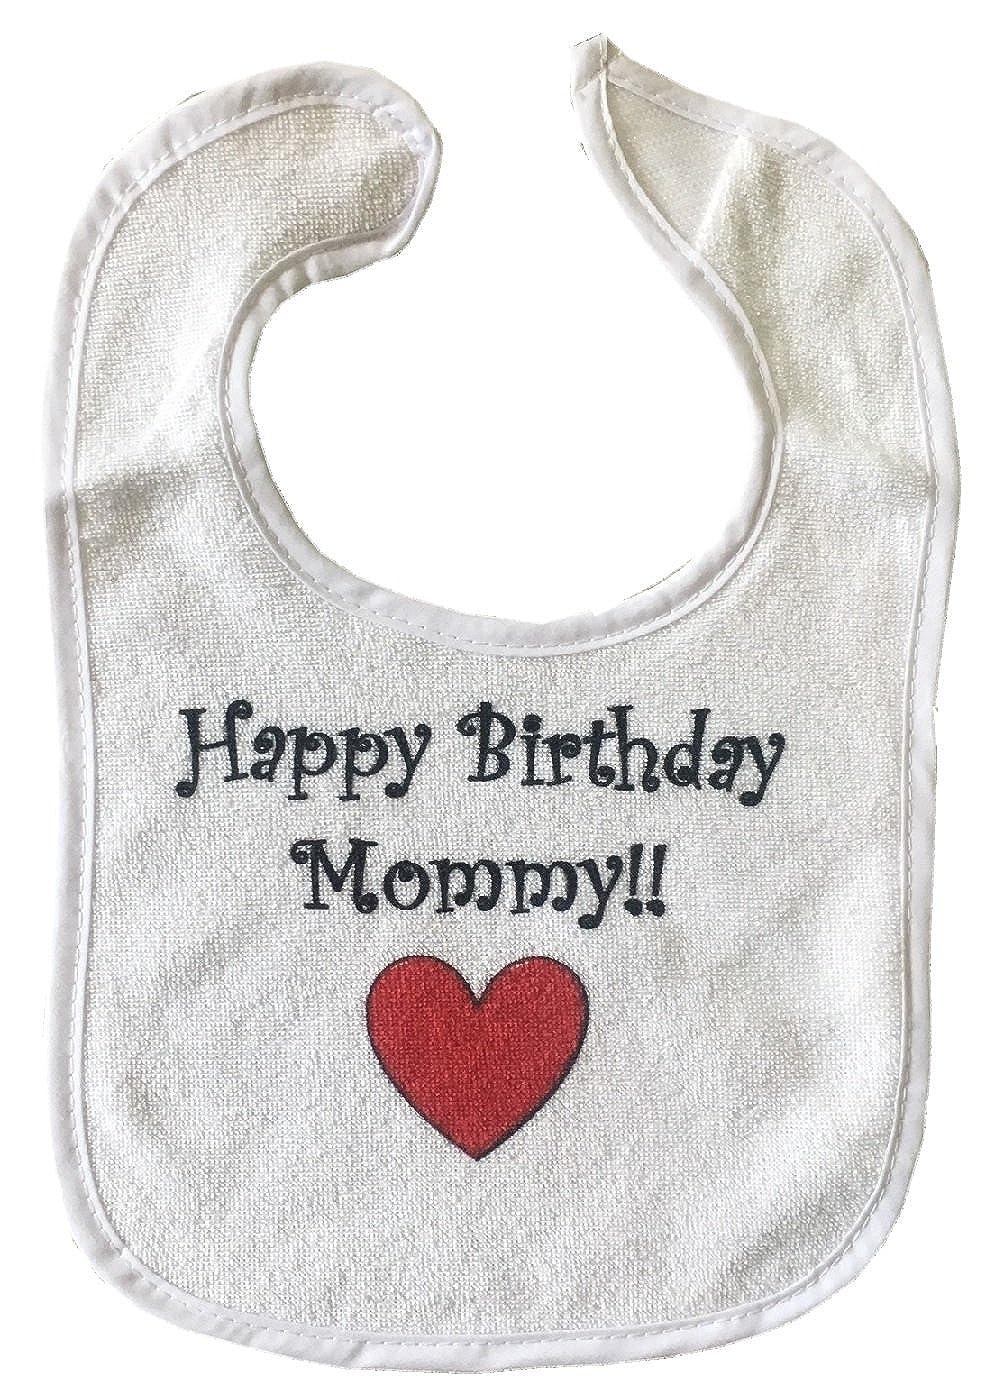 HAPPY BIRTHDAY MOMMY BigBoyMusic Baby Bib